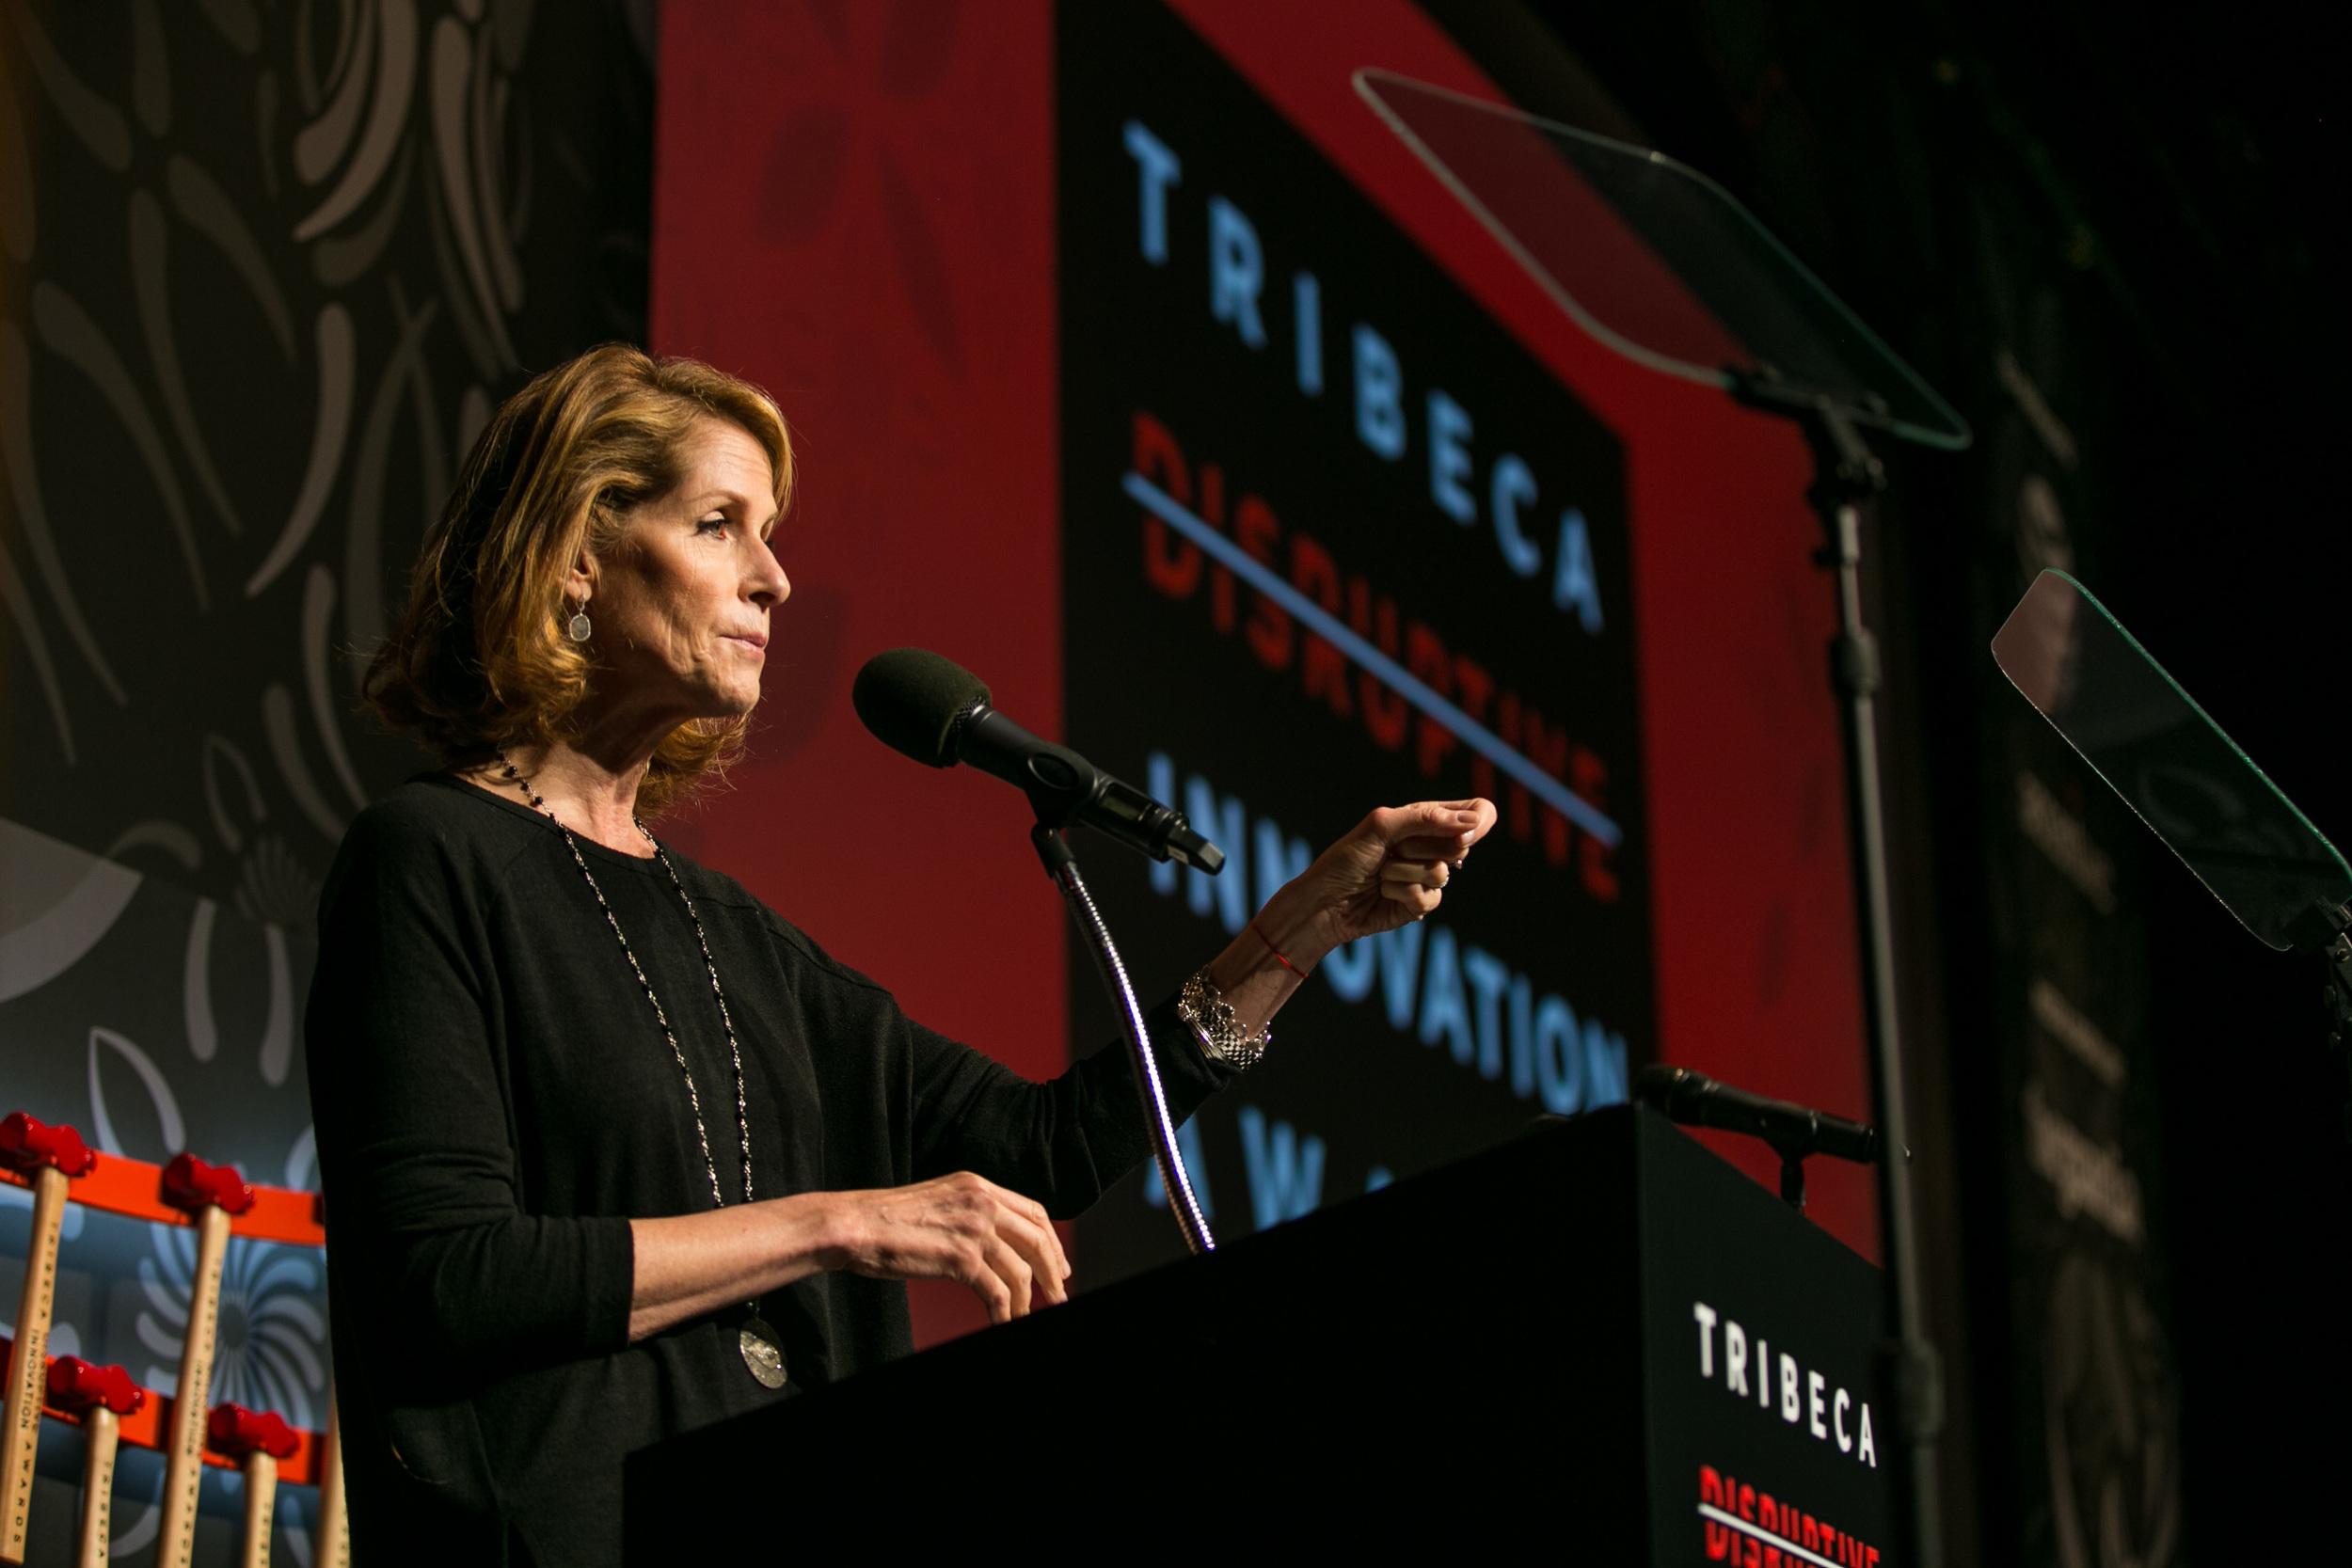 20160422-Tribeca Disruptive Innovation Awards-0247.jpg